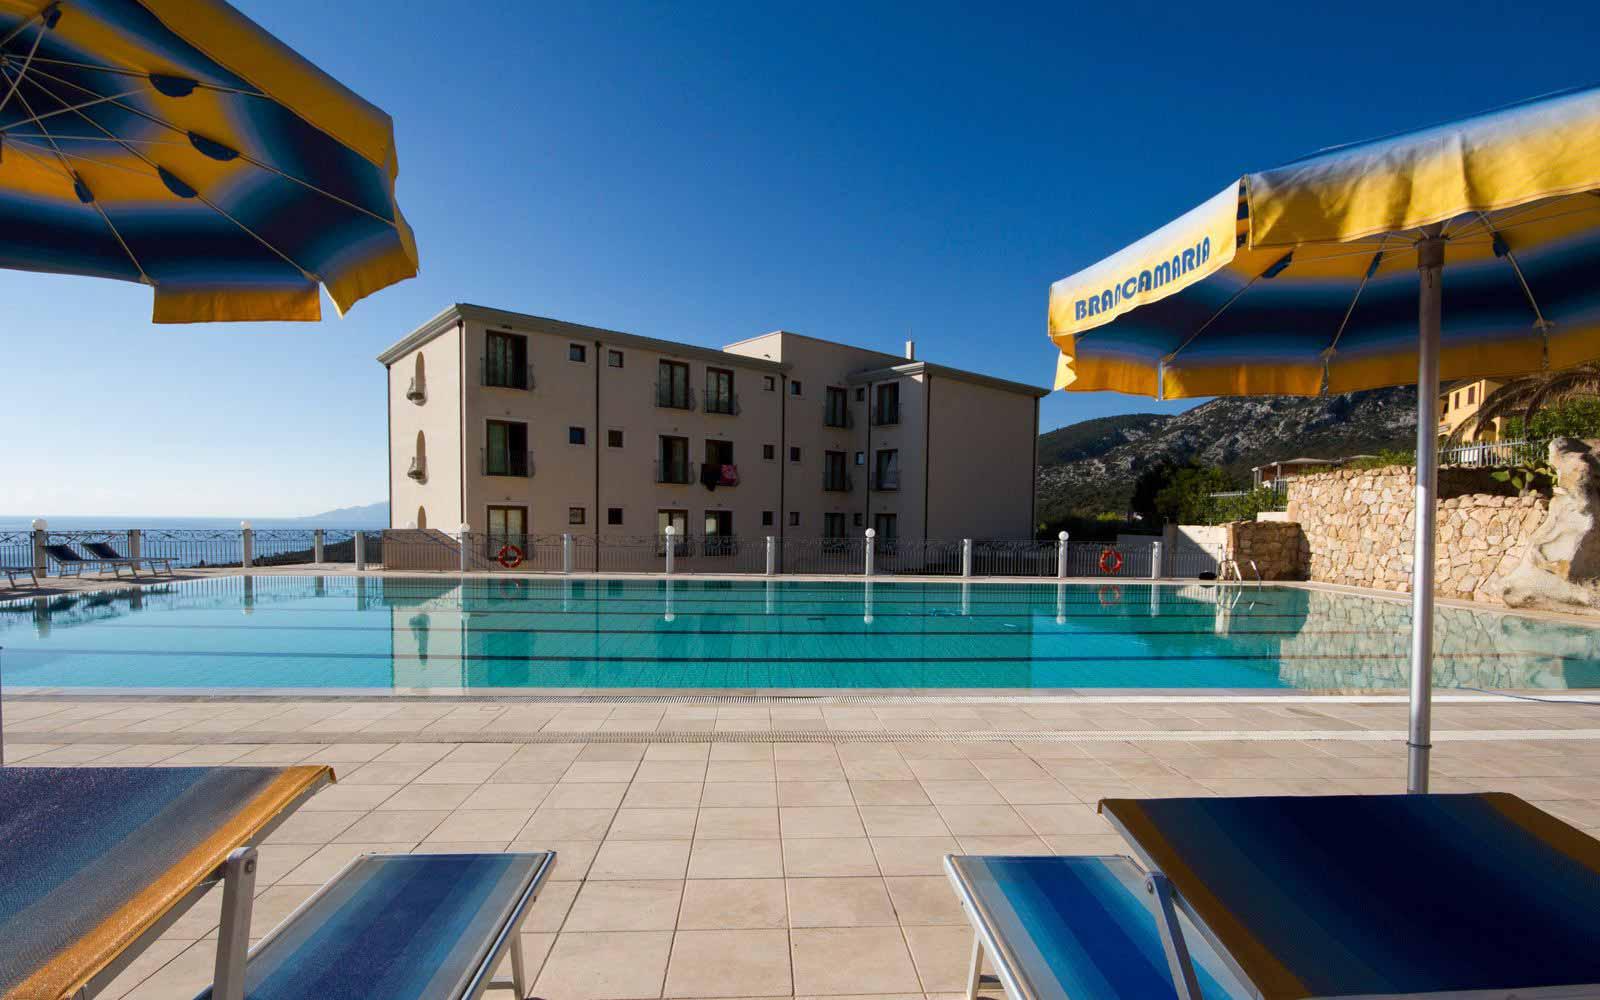 Pool at Hotel Brancamaria